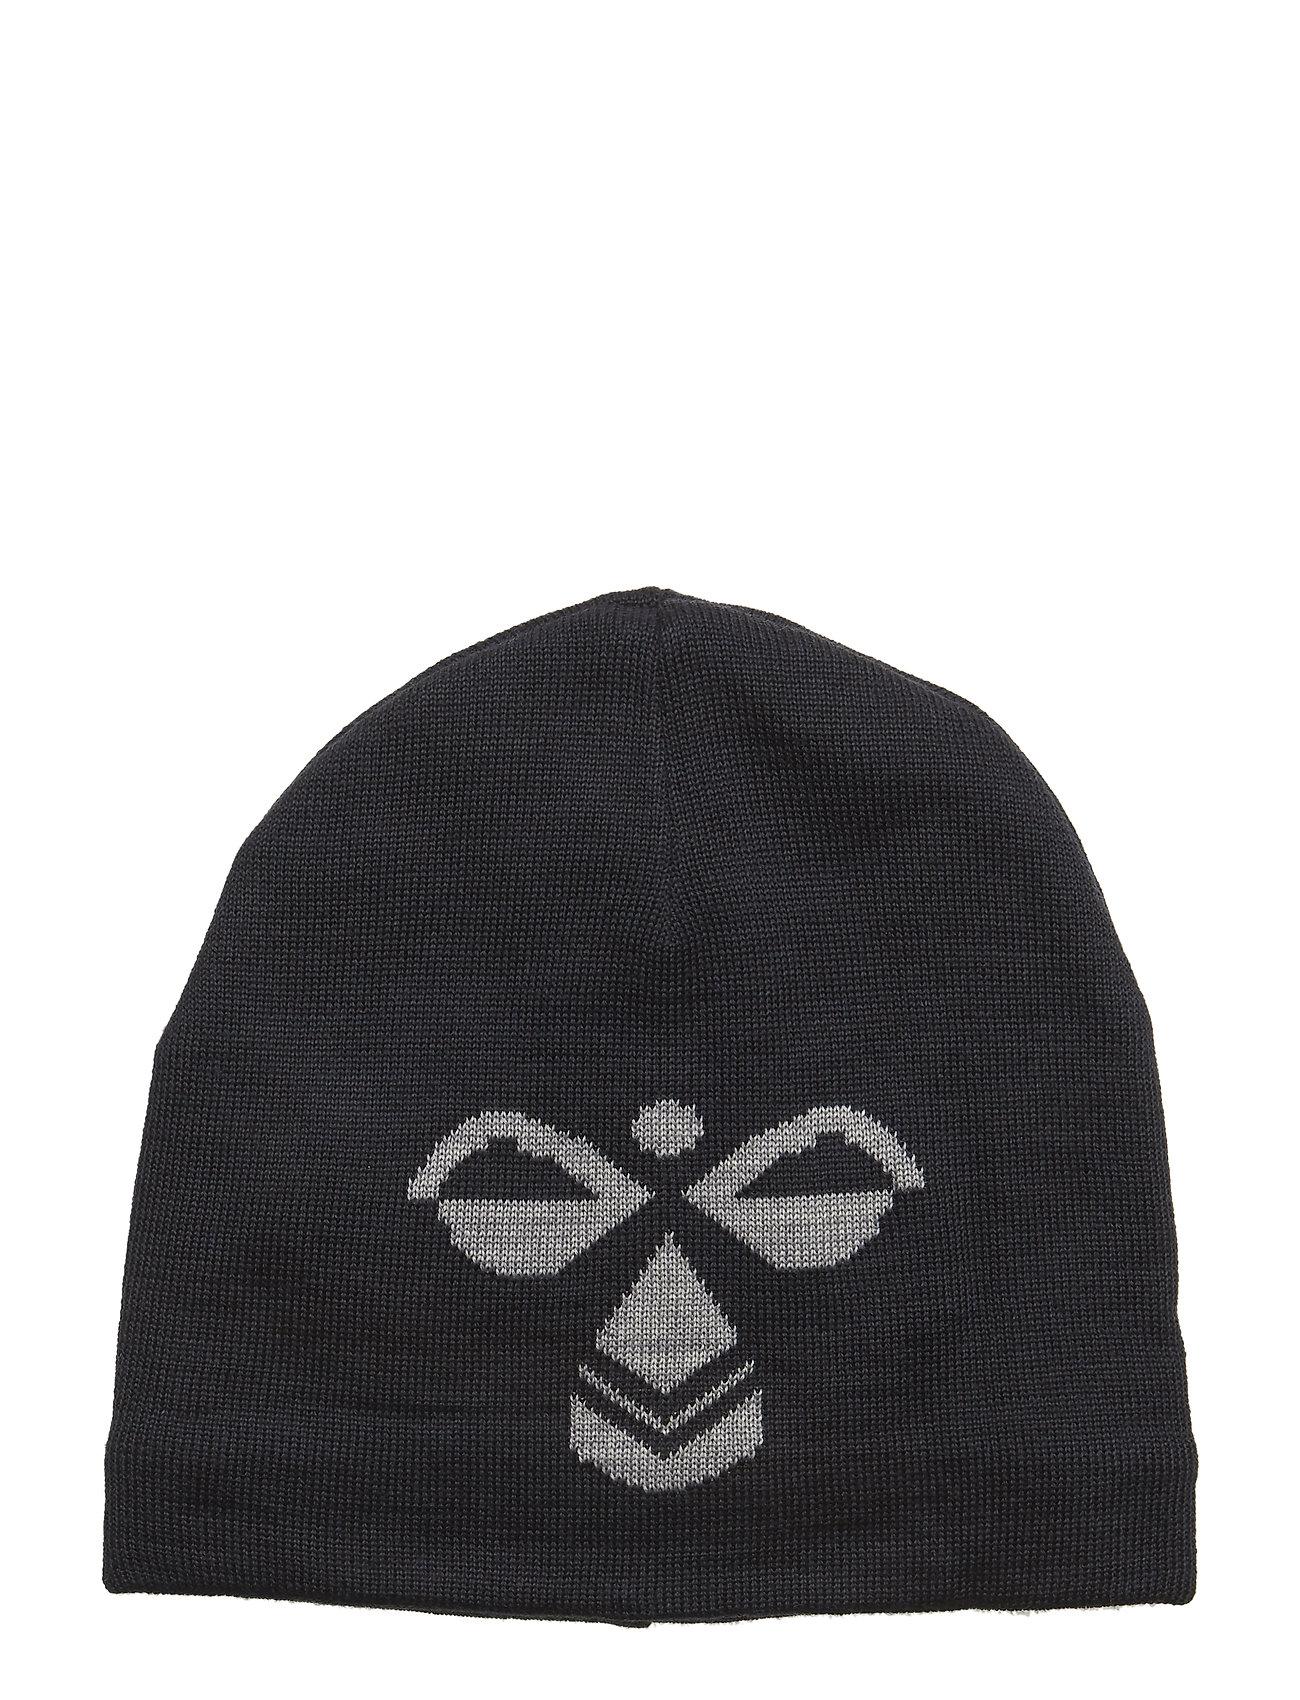 Hummel HMLMARK HAT - DARK NAVY